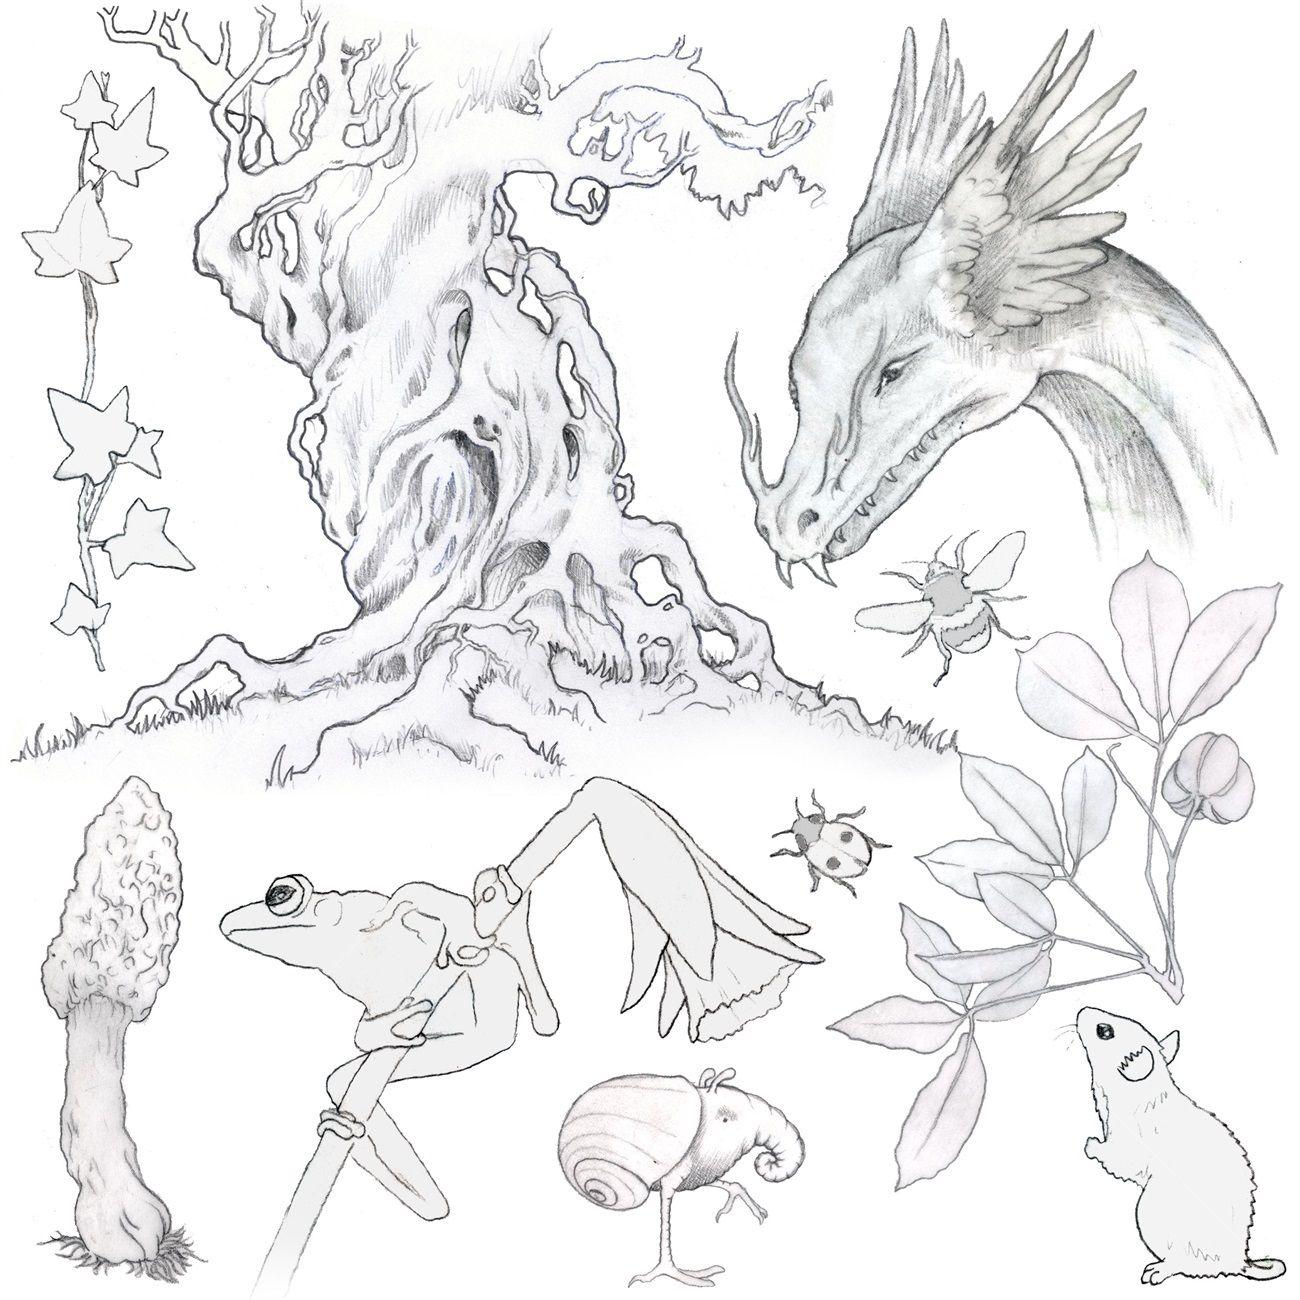 Illustration for Dragon & Animals Fantasy illustration